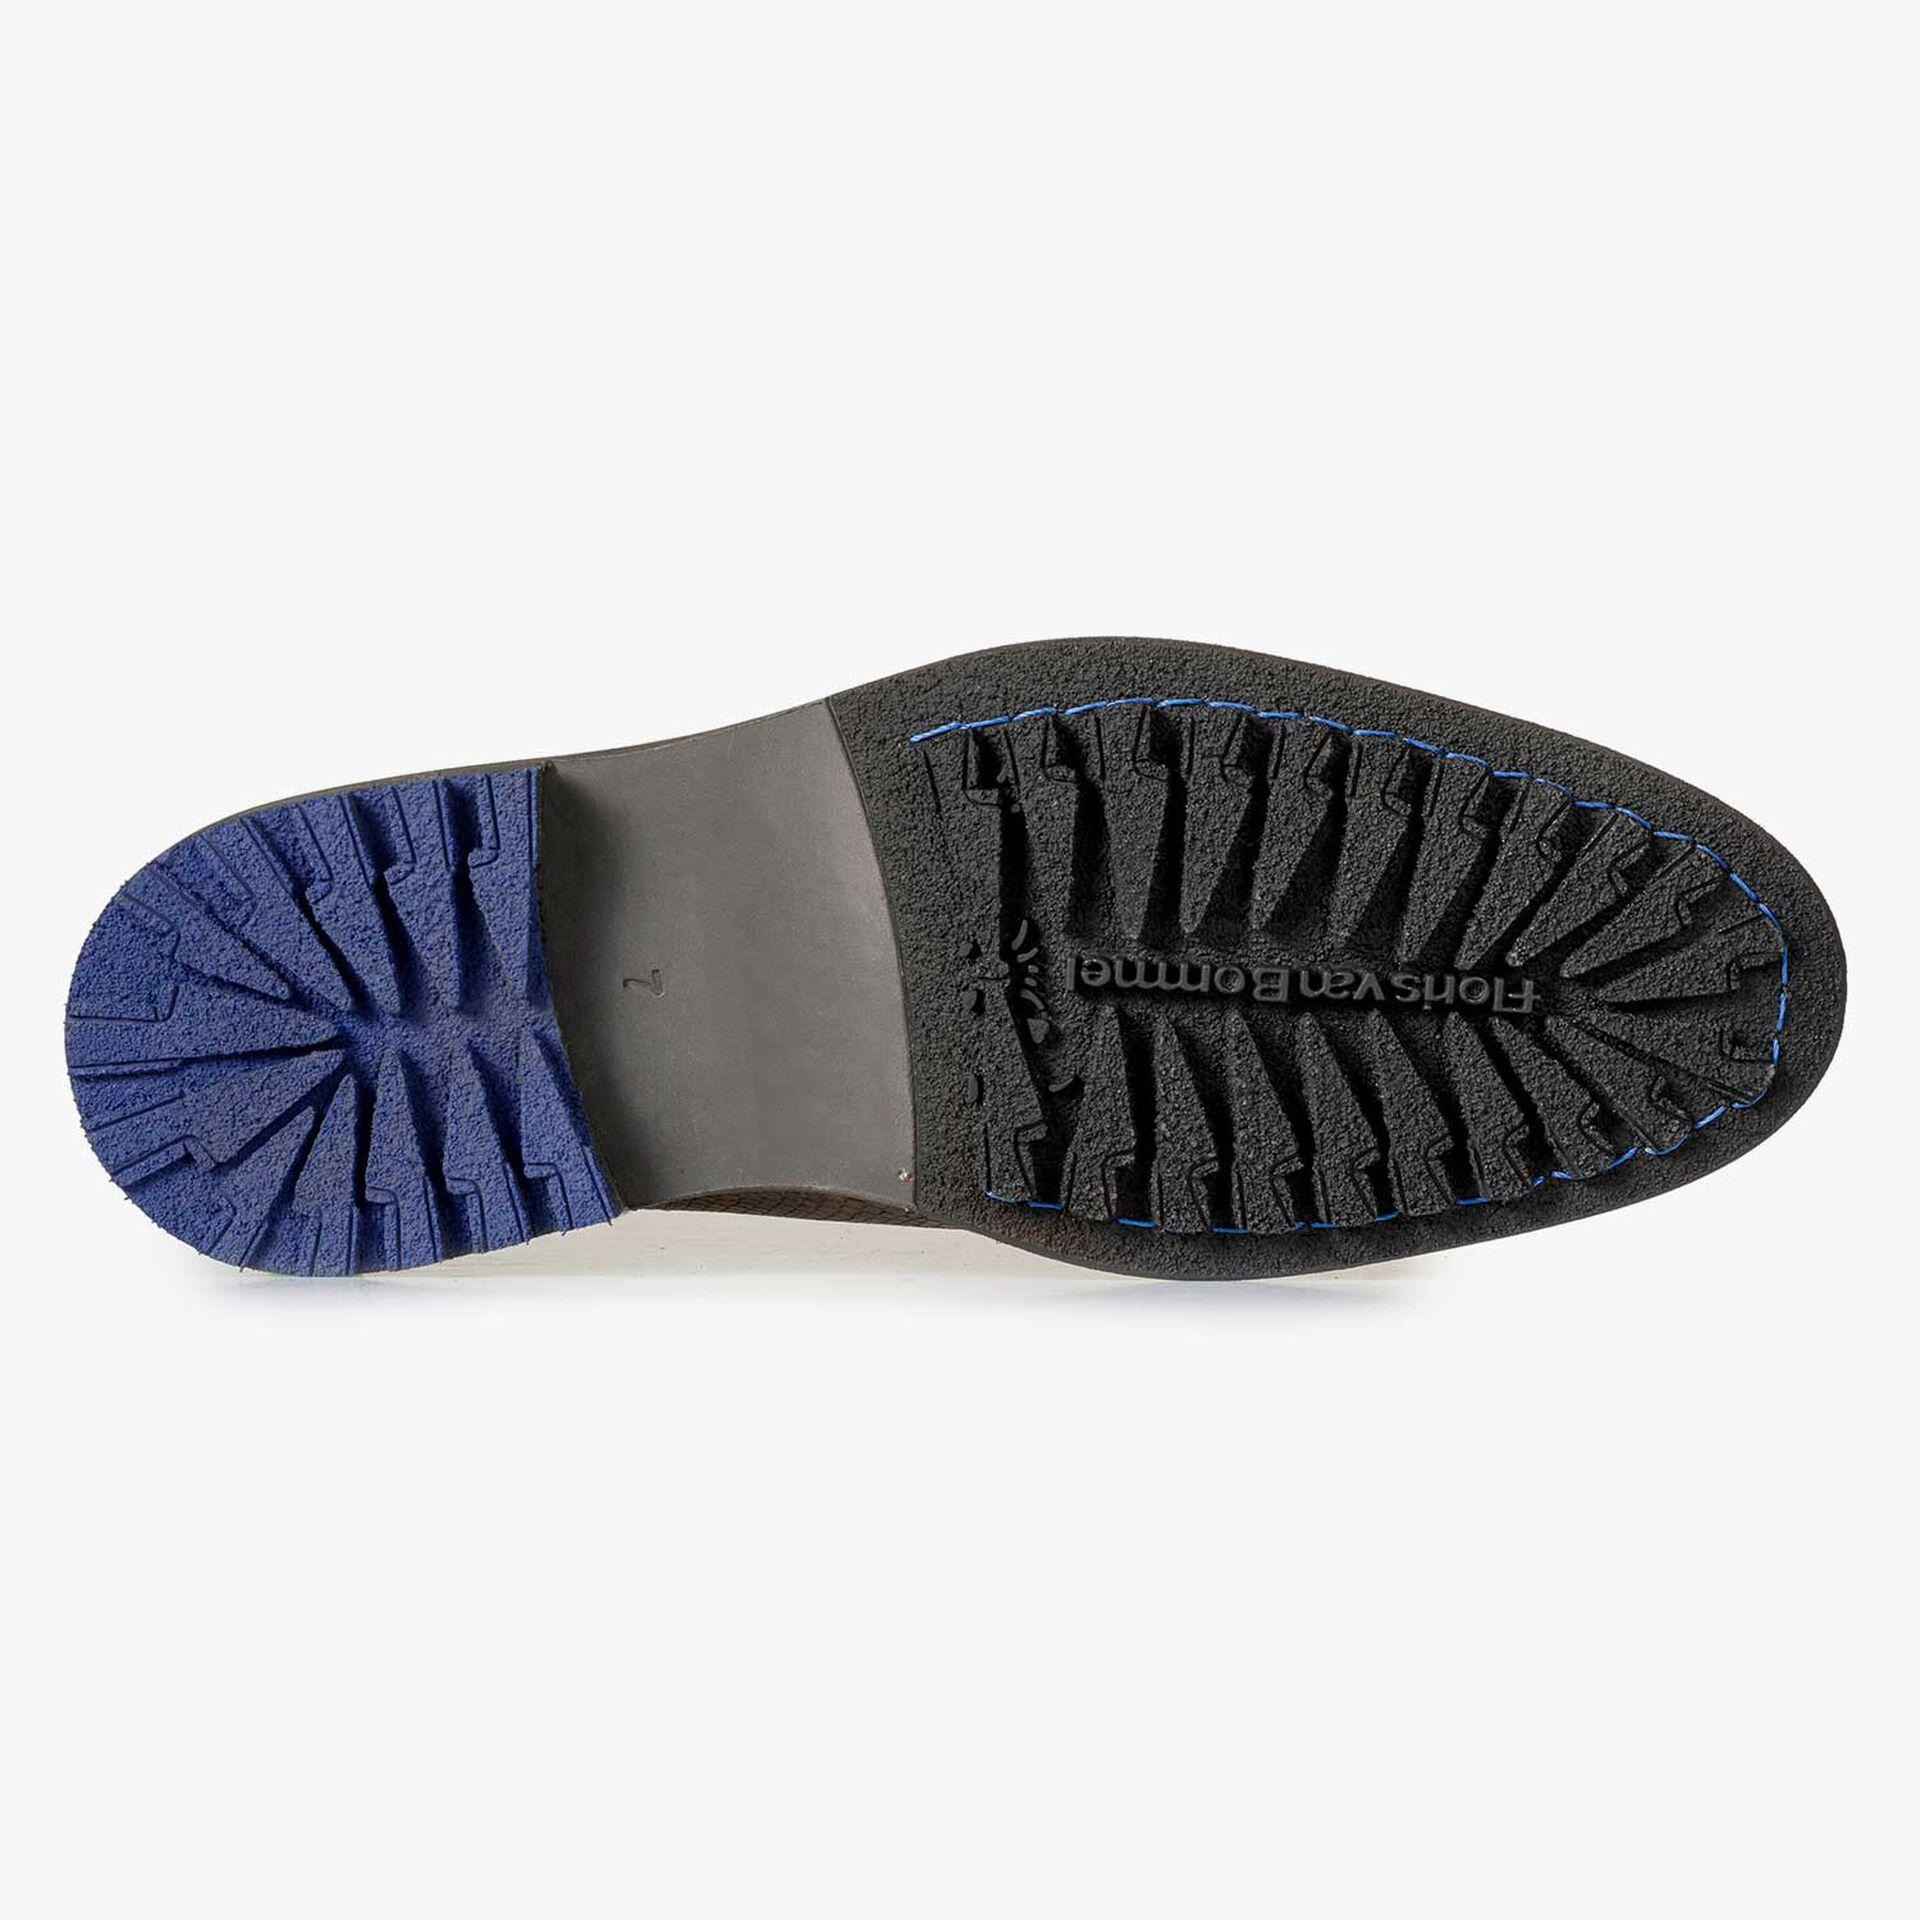 Brauner Nubukleder-Schnürstiefel mit Muster